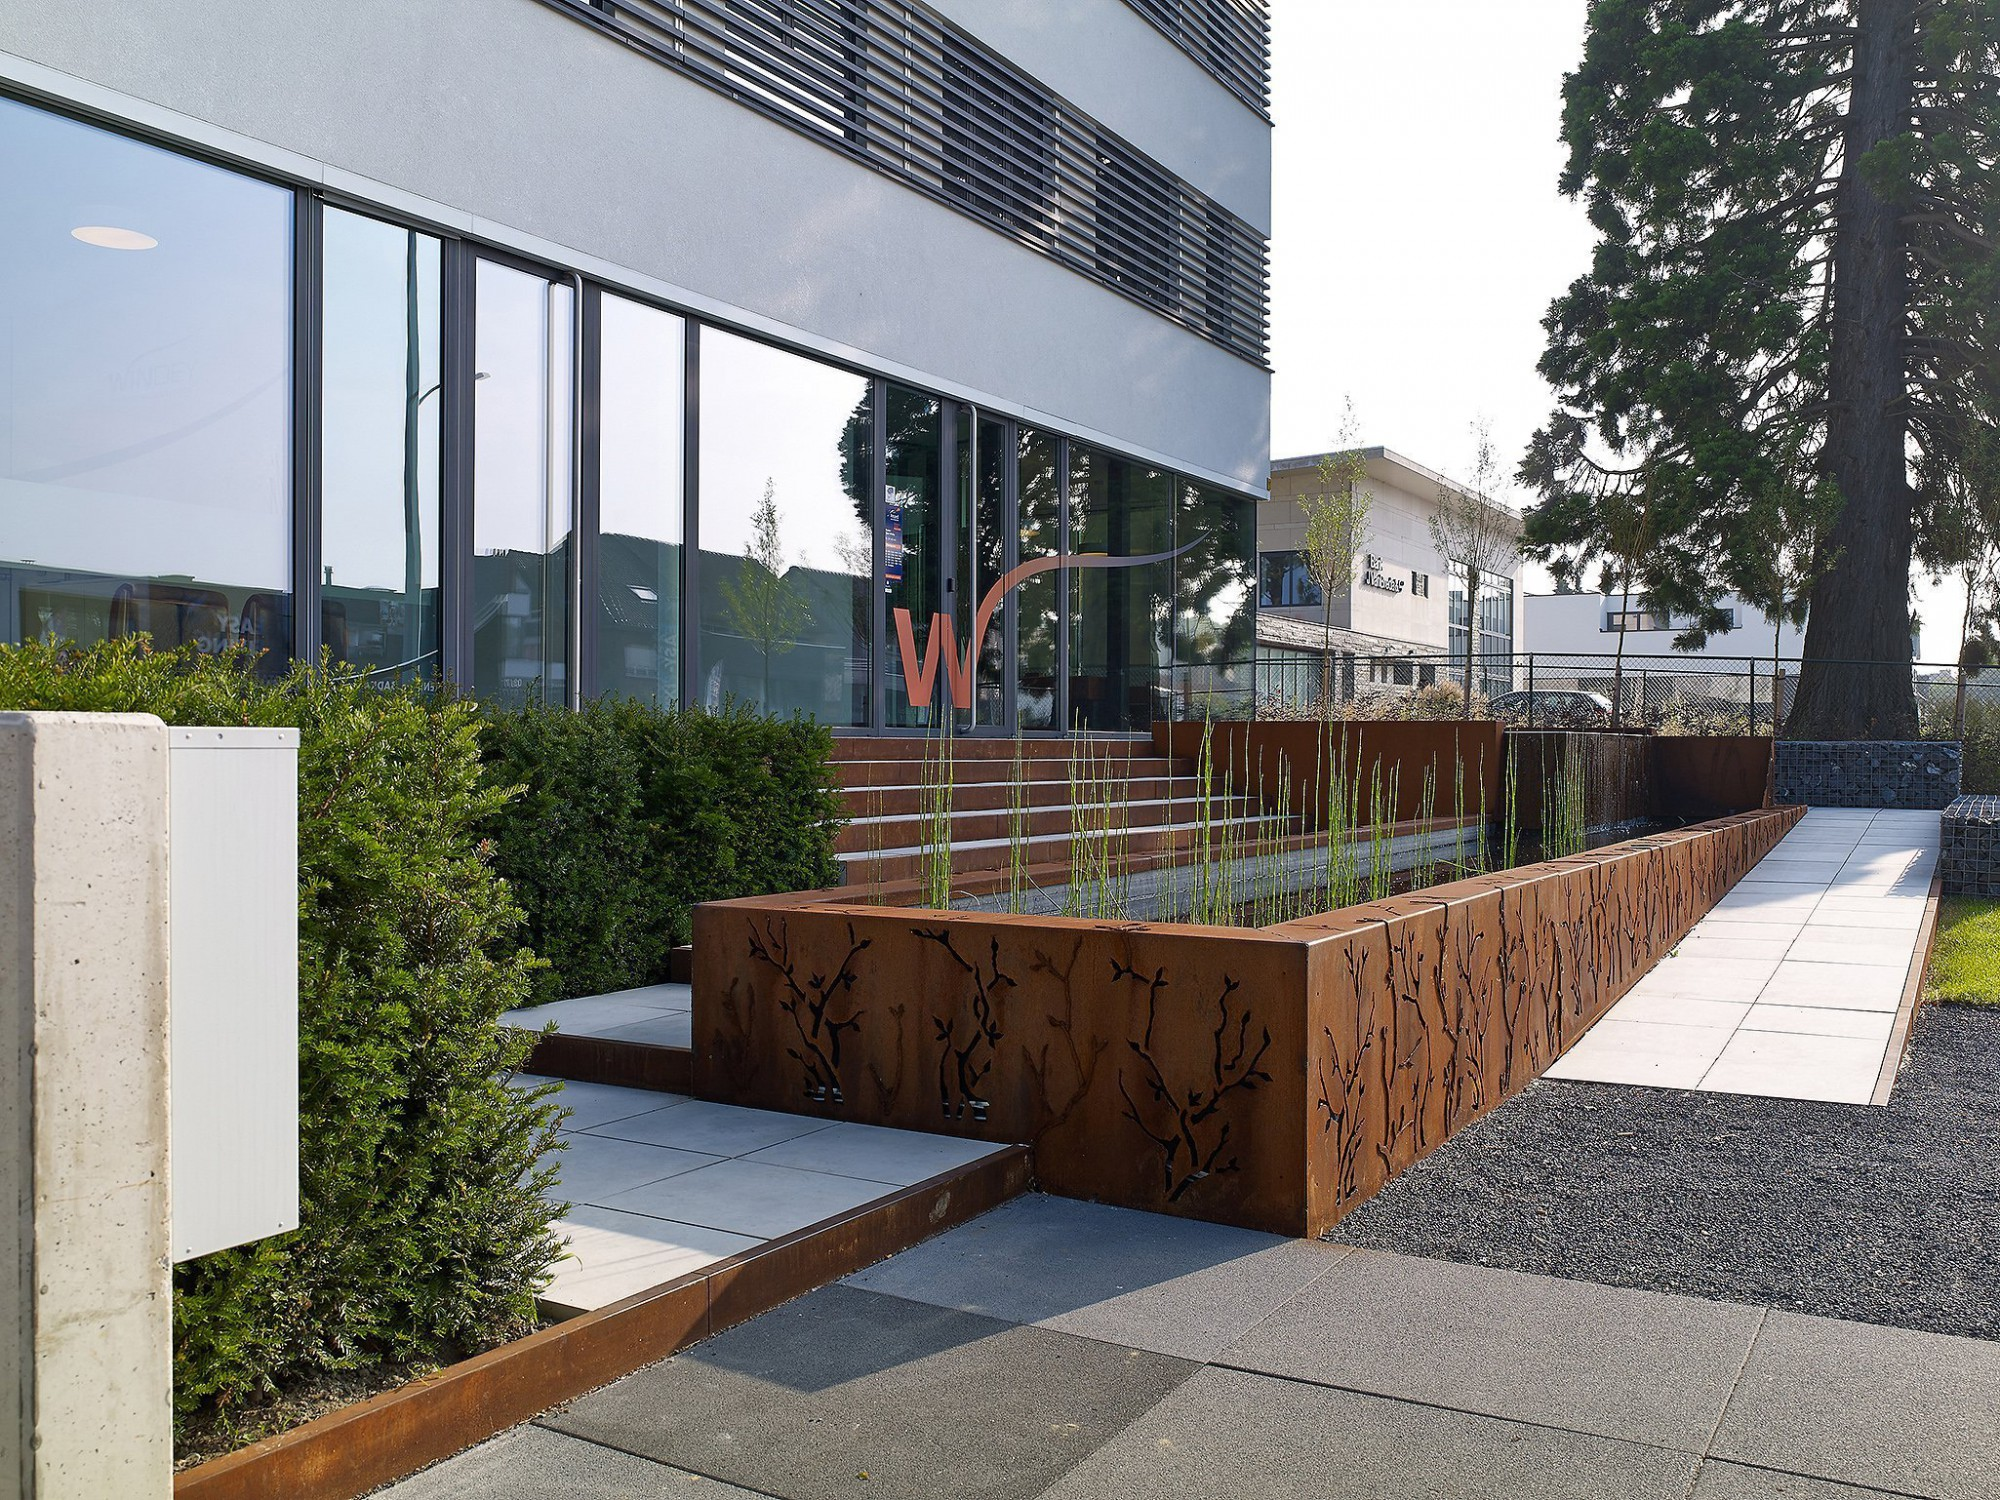 Afbeelding: Omgevings fotografie rond kantoor gebouw te Sint-Niklaas, foto Van Huffel.